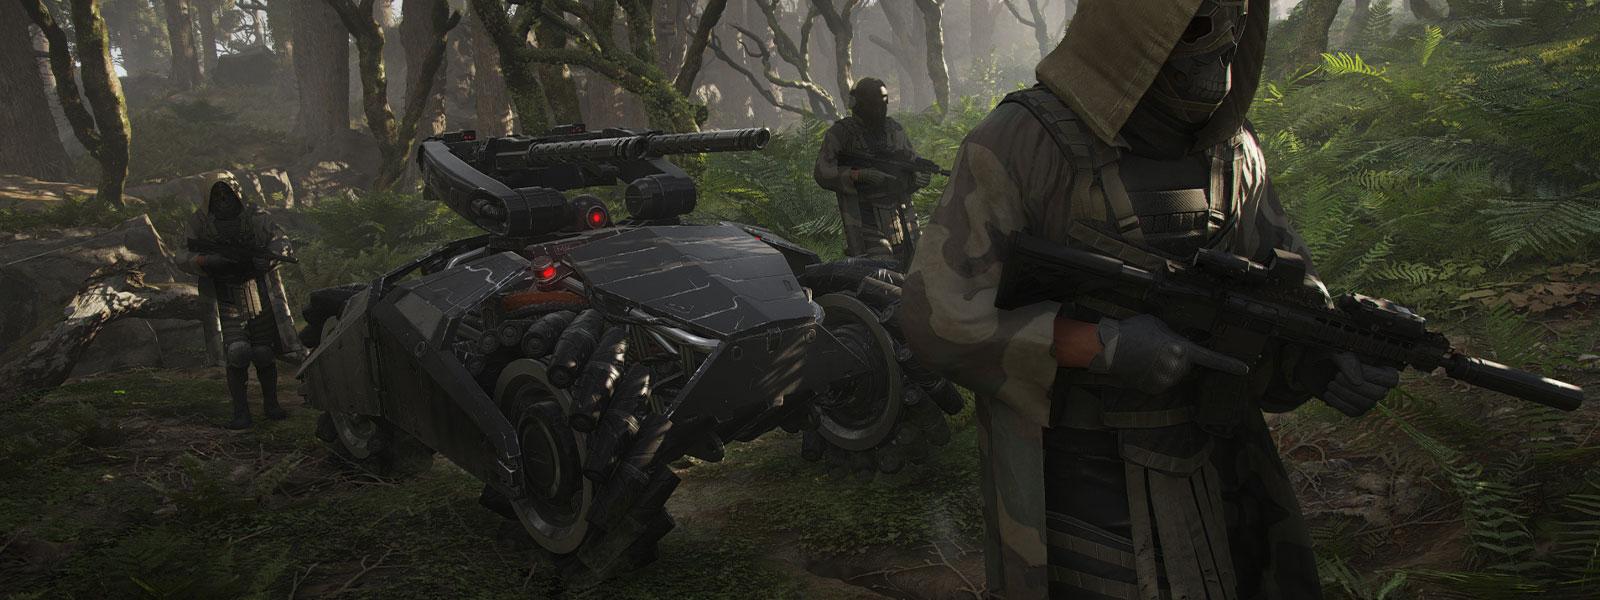 戴着面具和枪械的三个角色护送一辆大型军车